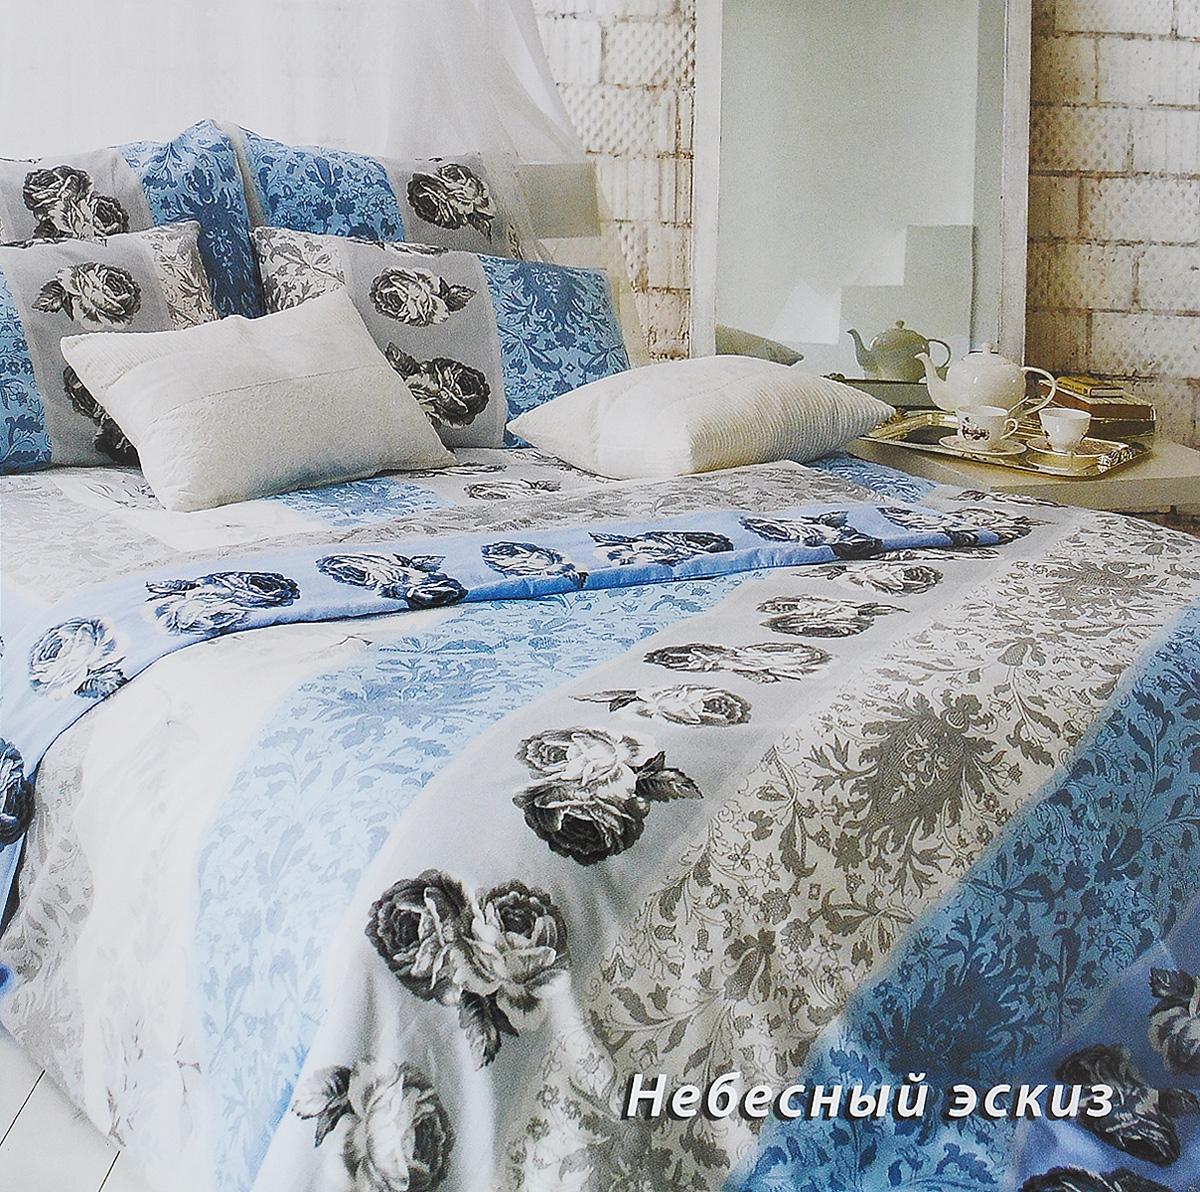 Комплект белья Tiffanys Secret Небесный эскиз, евро, наволочки 50х70, цвет: голубой, белый, серый2040815184Комплект постельного белья Tiffanys Secret Небесный эскиз является экологически безопасным для всей семьи, так как выполнен из сатина (100% хлопок). Комплект состоит из пододеяльника, простыни и двух наволочек. Предметы комплекта оформлены оригинальным рисунком. Благодаря такому комплекту постельного белья вы сможете создать атмосферу уюта и комфорта в вашей спальне. Сатин - это ткань, навсегда покорившая сердца человечества. Ценившие роскошь персы называли ее атлас, а искушенные в прекрасном французы - сатин. Секрет высококачественного сатина в безупречности всего технологического процесса. Эту благородную ткань делают только из отборной натуральной пряжи, которую получают из самого лучшего тонковолокнистого хлопка. Благодаря использованию самой тонкой хлопковой нити получается необычайно мягкое и нежное полотно. Сатиновое постельное белье превращает жаркие летние ночи в прохладные и освежающие, а холодные зимние - в теплые и согревающие. ...